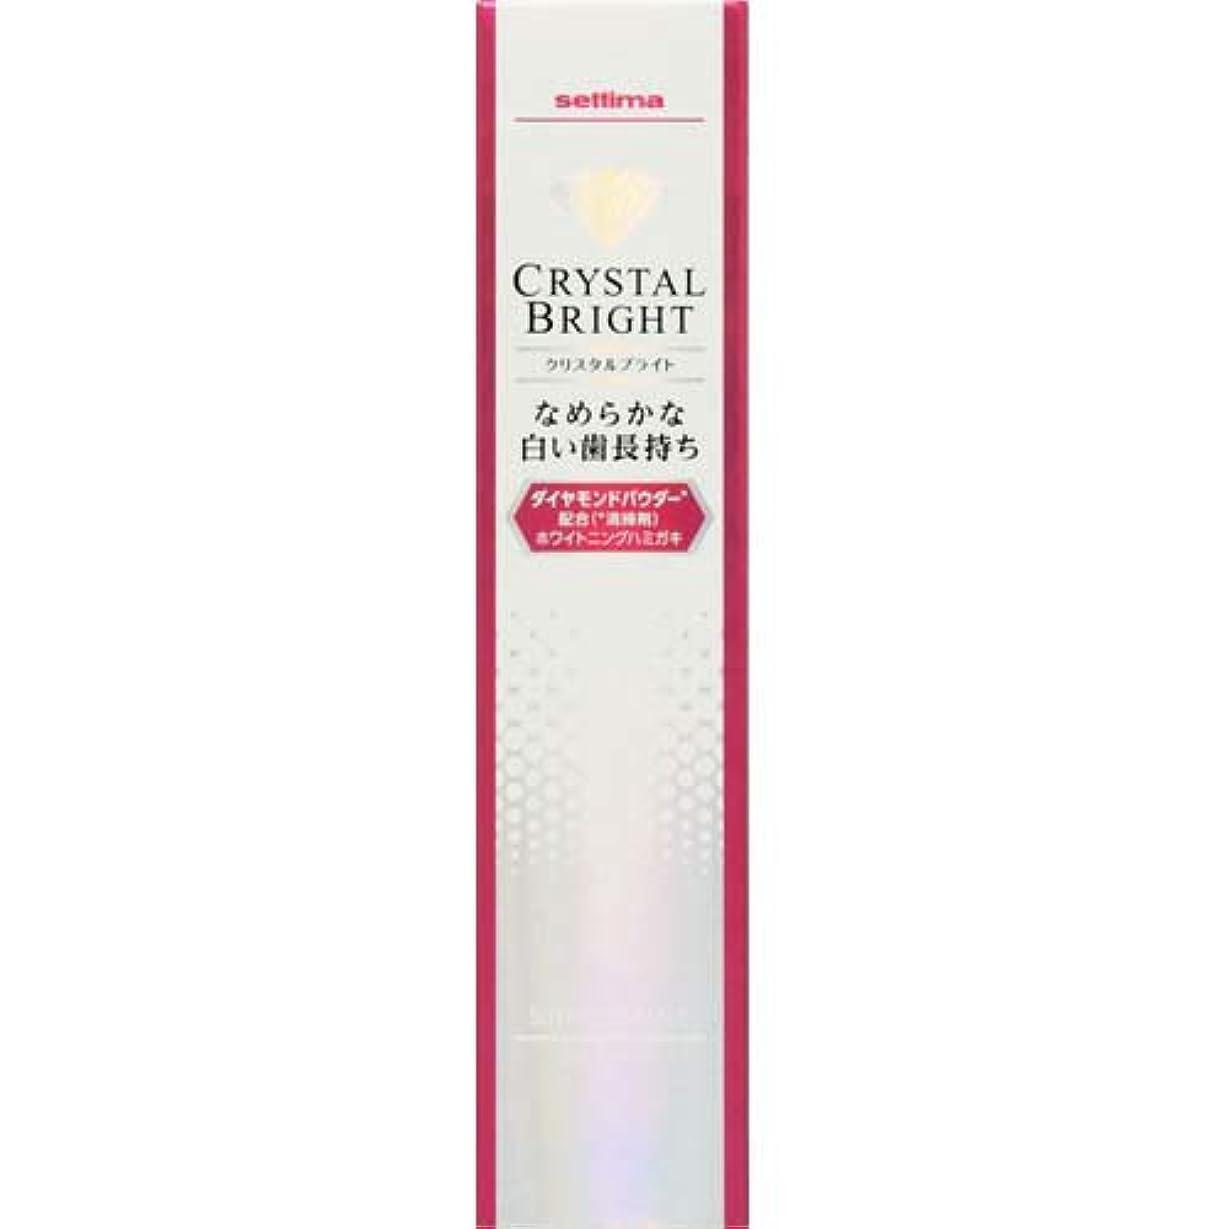 酸化物正しい神話セッチマ クリスタルブライト ハミガキ シャインミント 40g